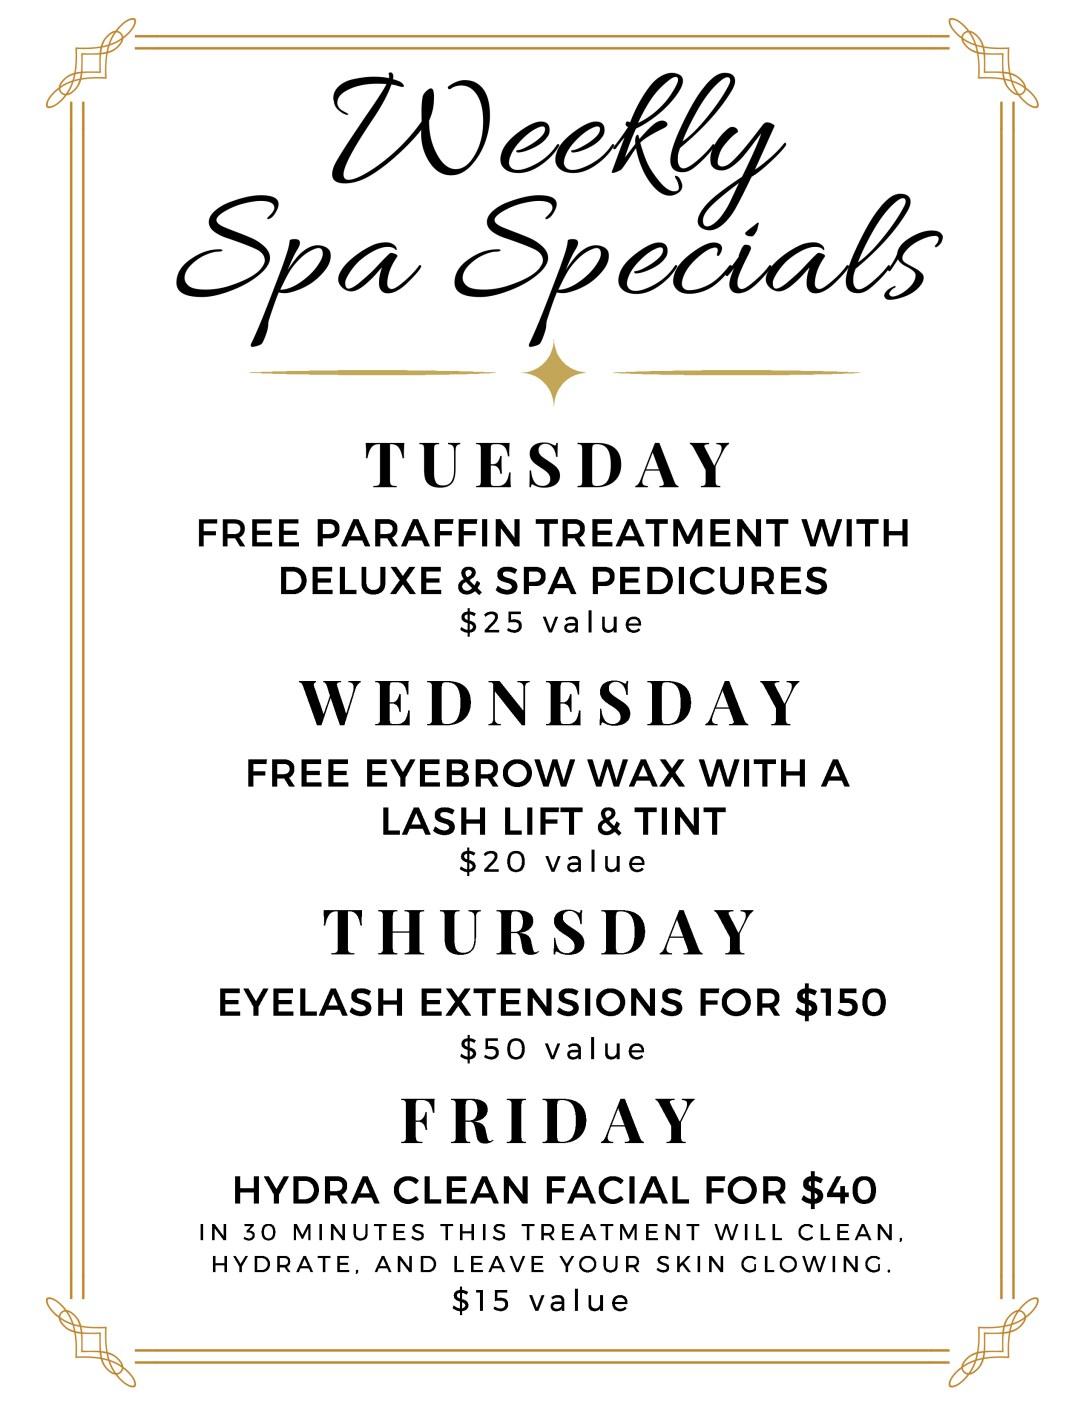 La Clinica Spa Specials Pedicure Paraffin Eyebrow Wax Lash Extensions Facial